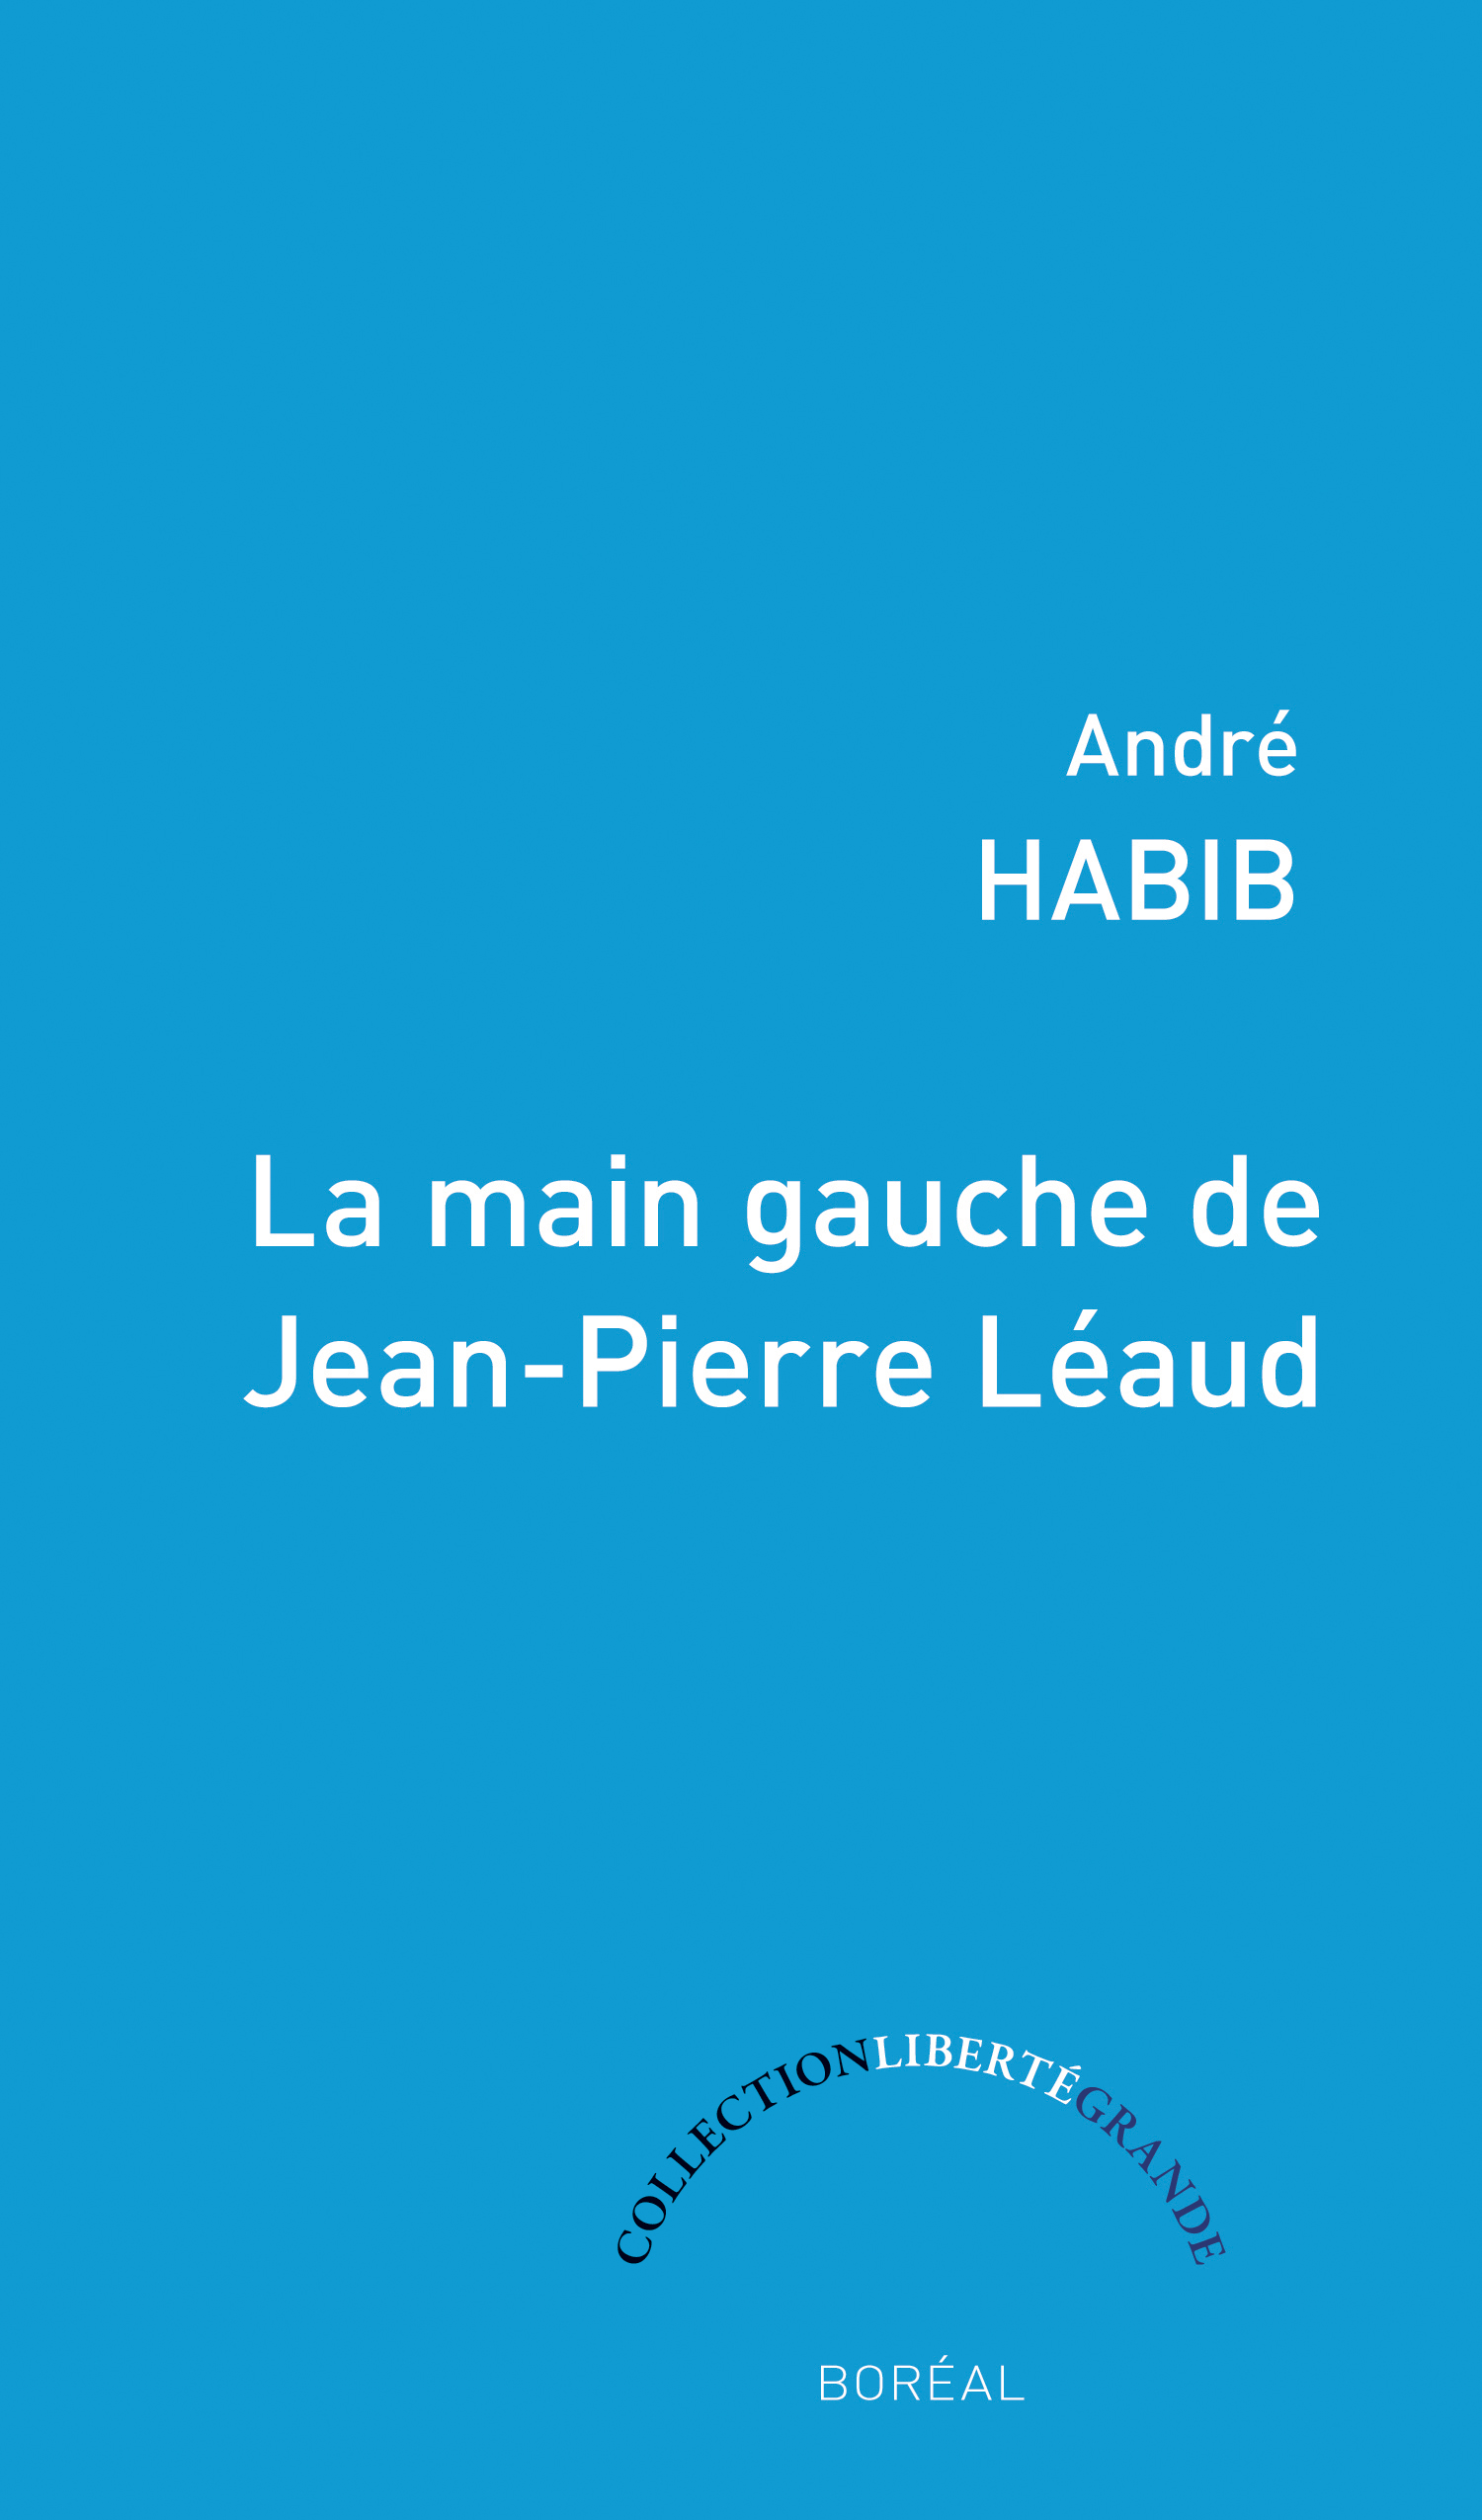 Couverture : La main gauche de Jean-Pierre Léaud André Habib